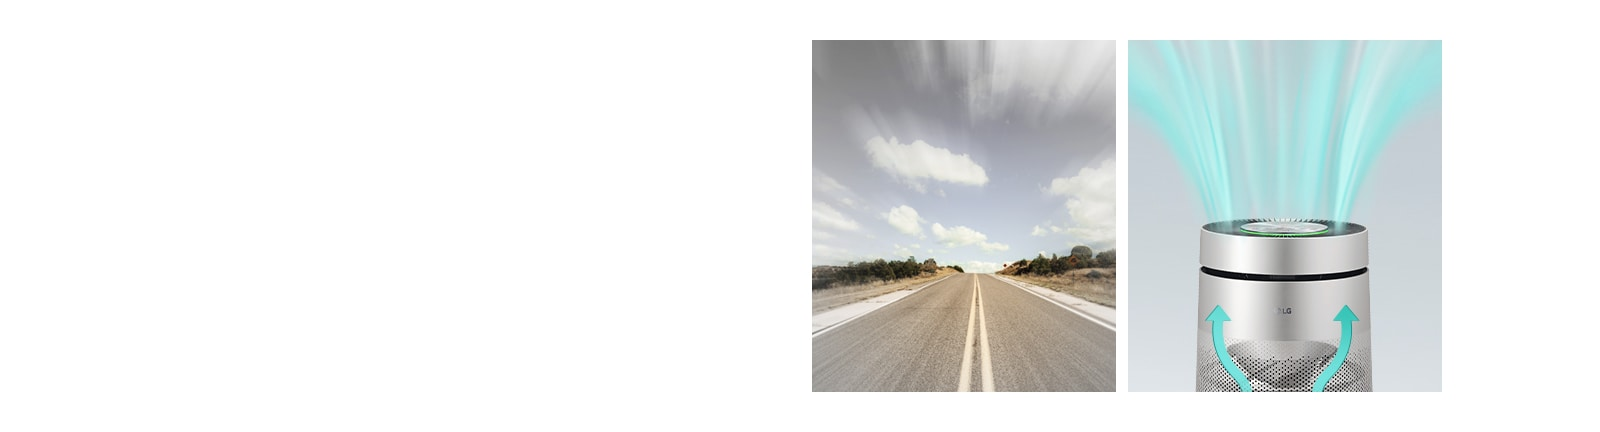 右側有兩張圖片。左側是淨空的路線,右側是將清新空氣送出的空氣清淨機。